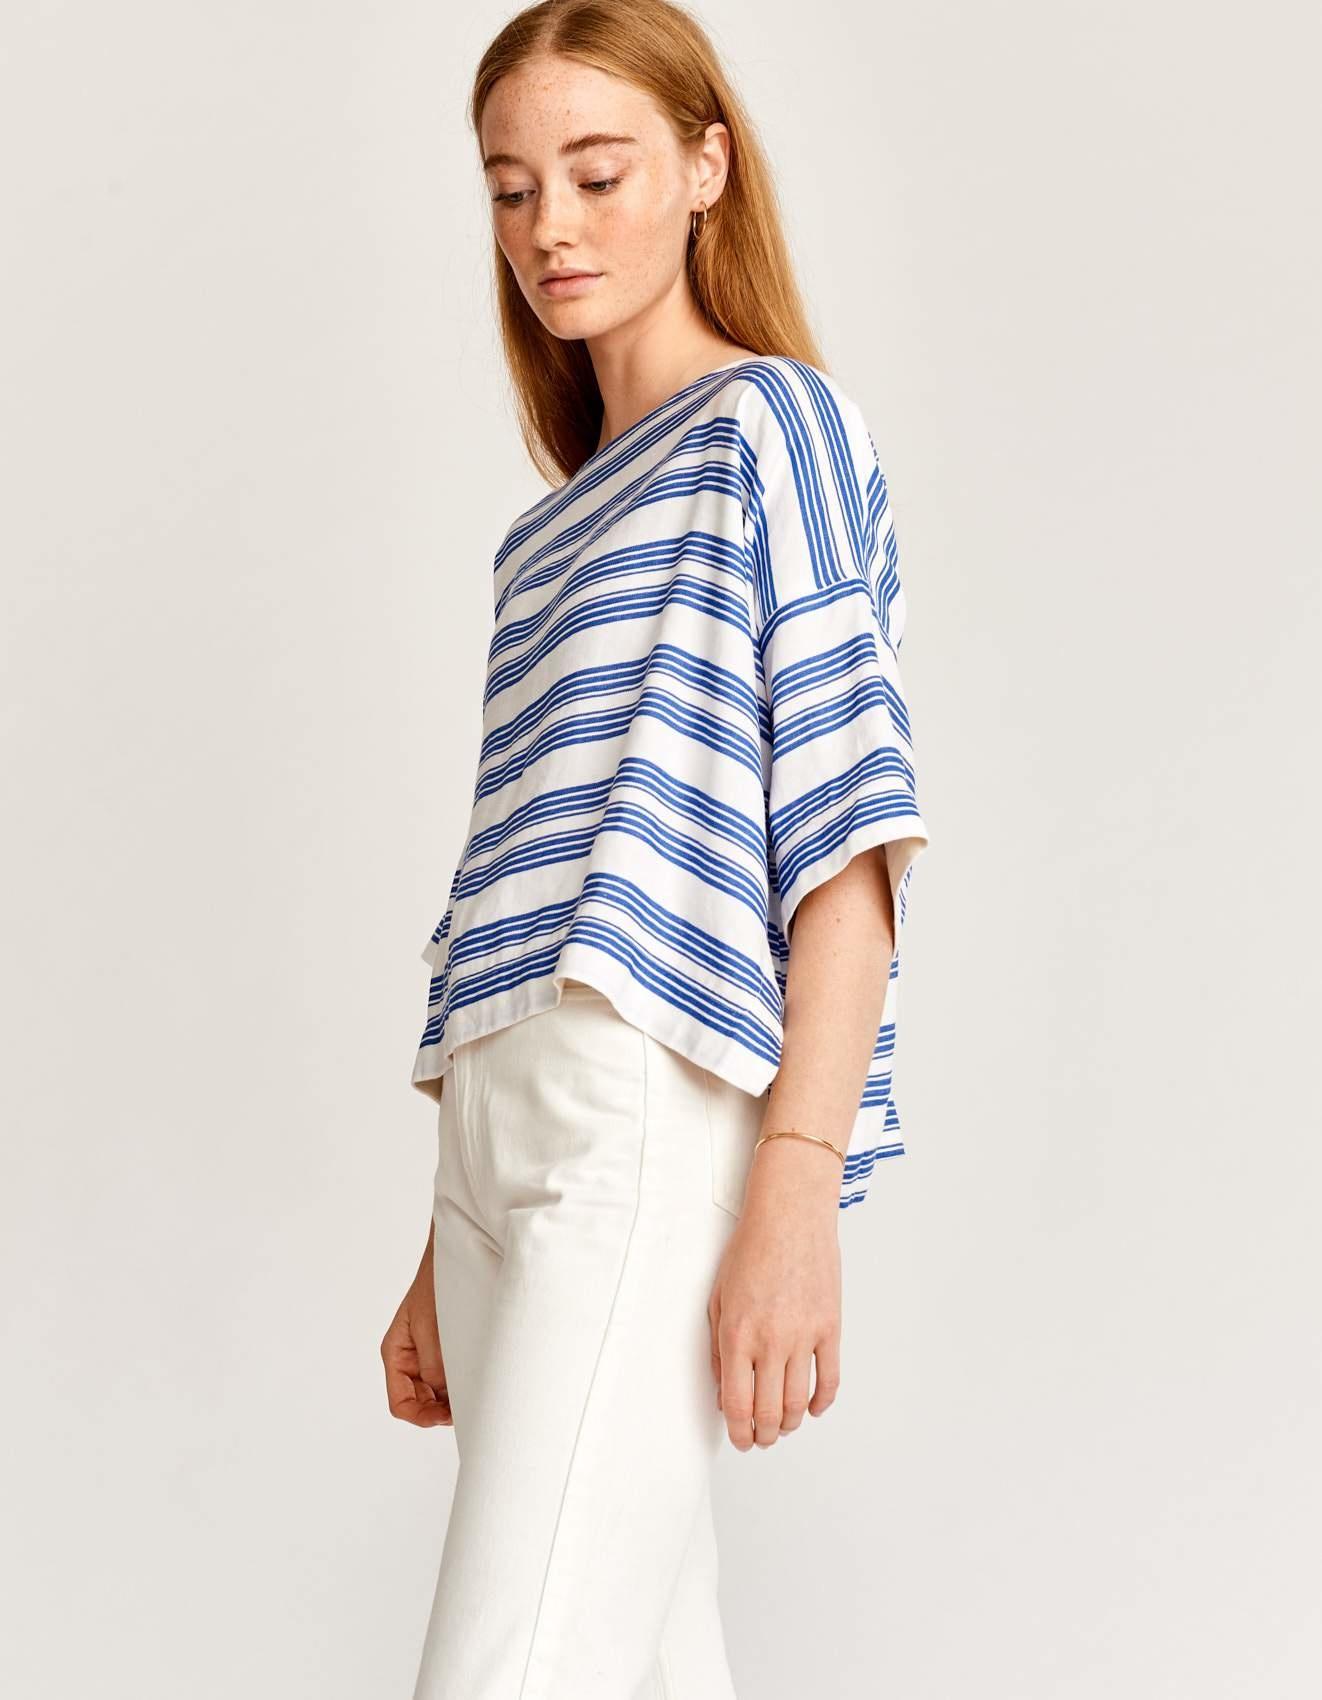 Bellerose Lento Shirt